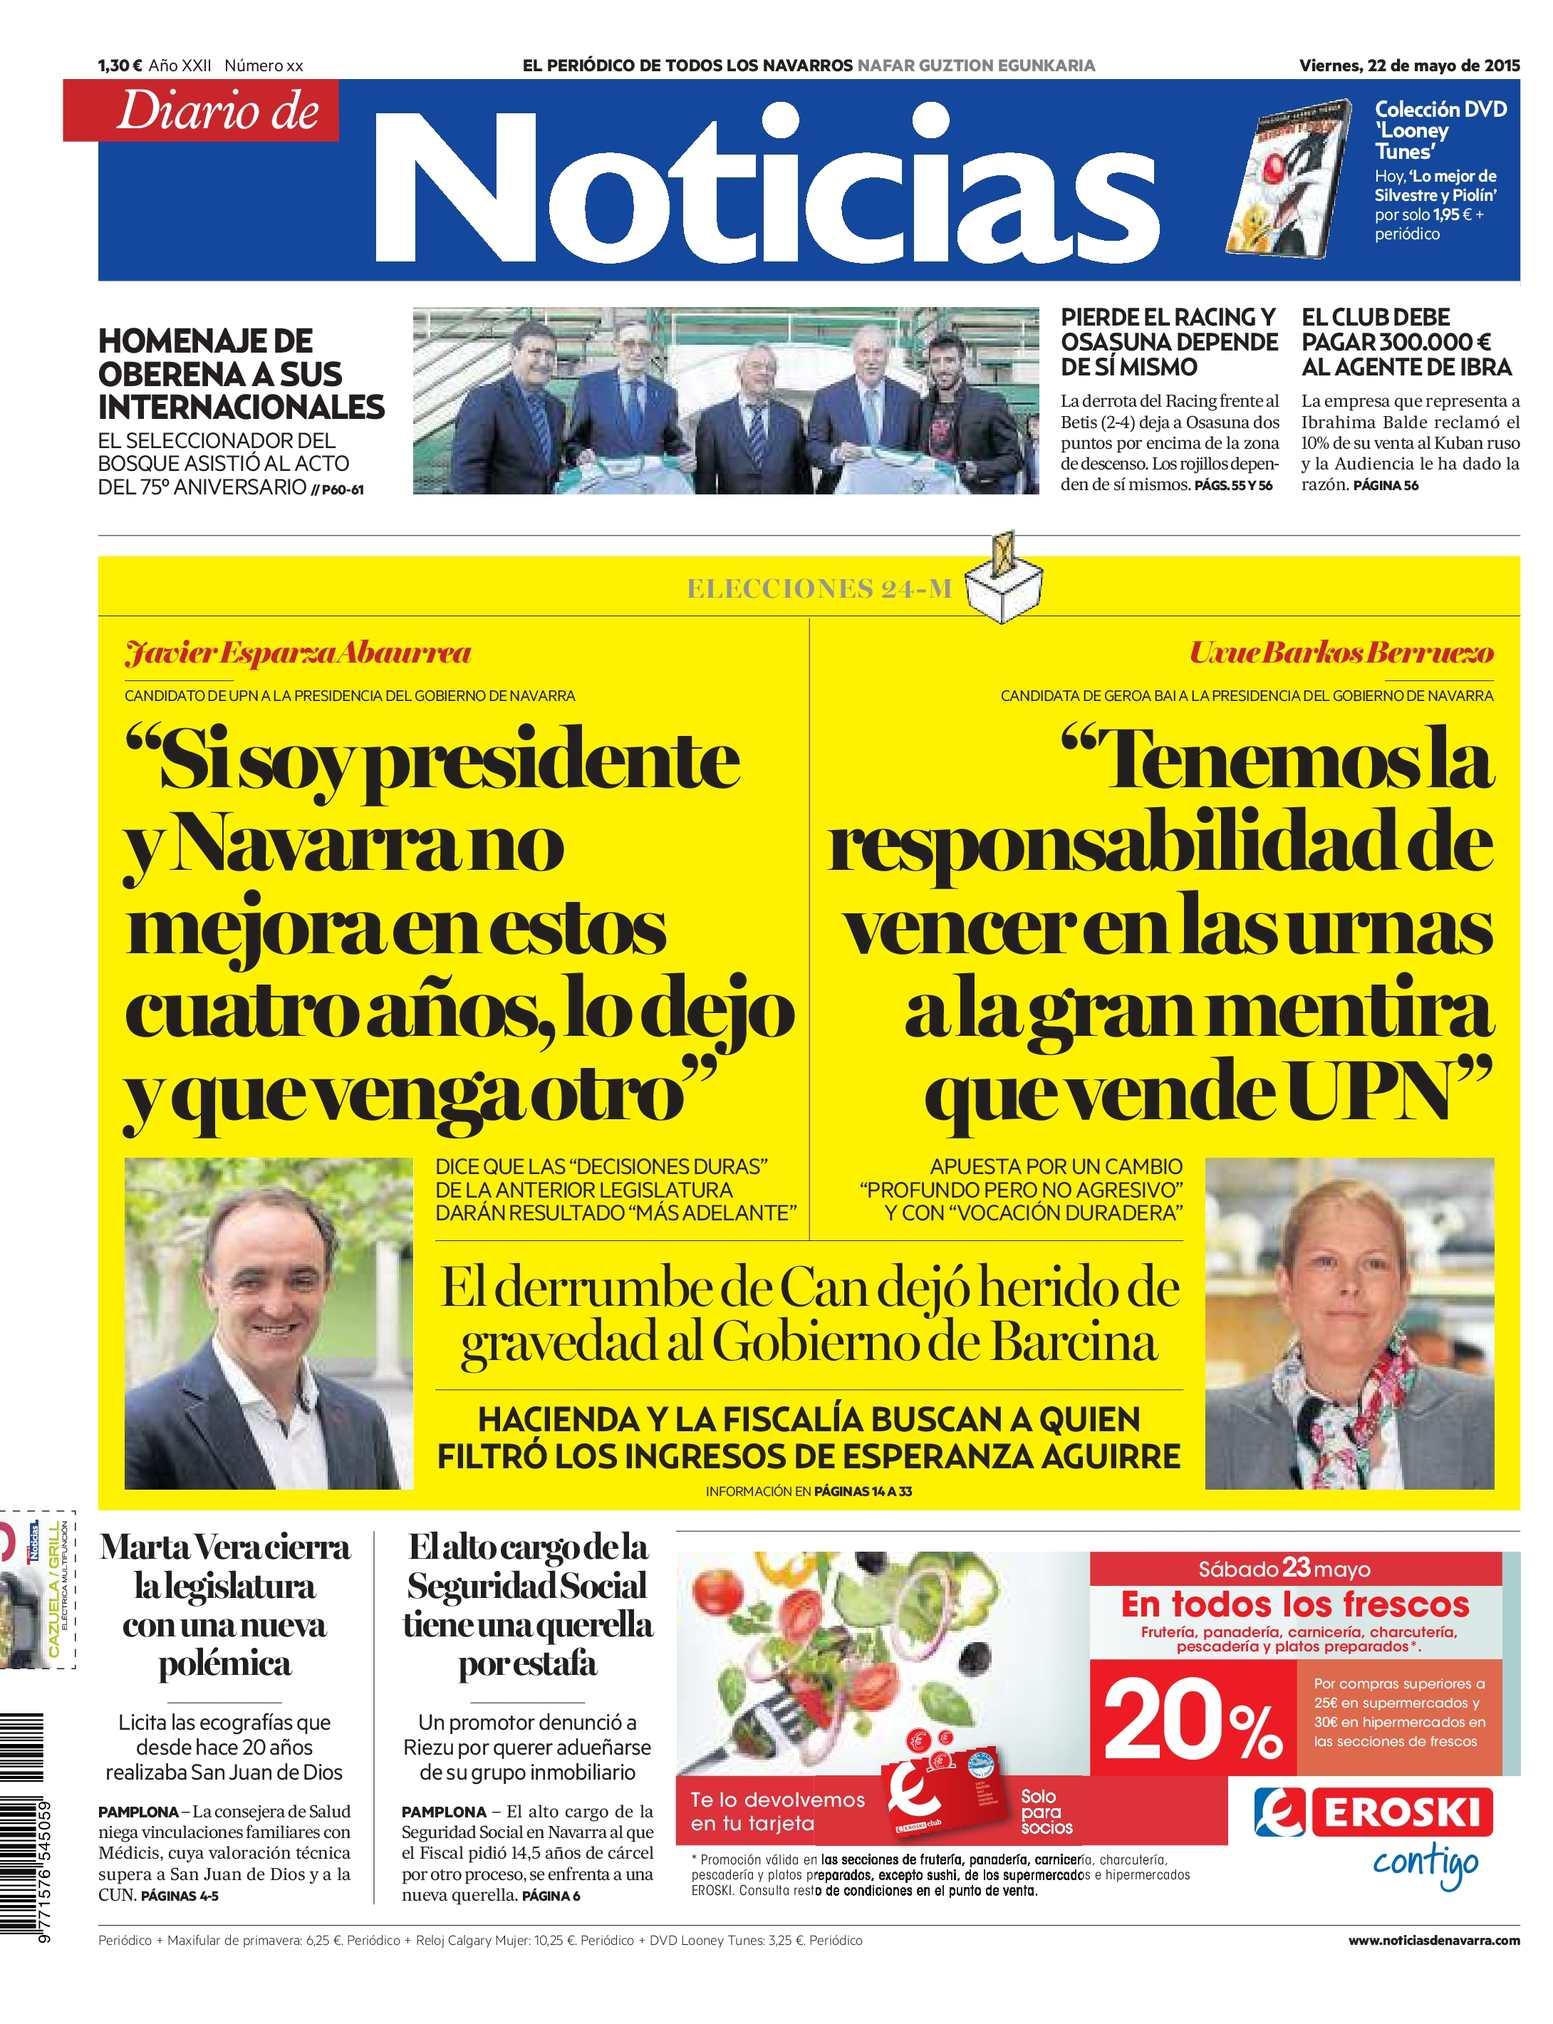 De Diario Noticias Diario Noticias De 20150522 Noticias Diario 20150522 De Calaméo 20150522 Calaméo Diario Calaméo Calaméo n1vq1gfT